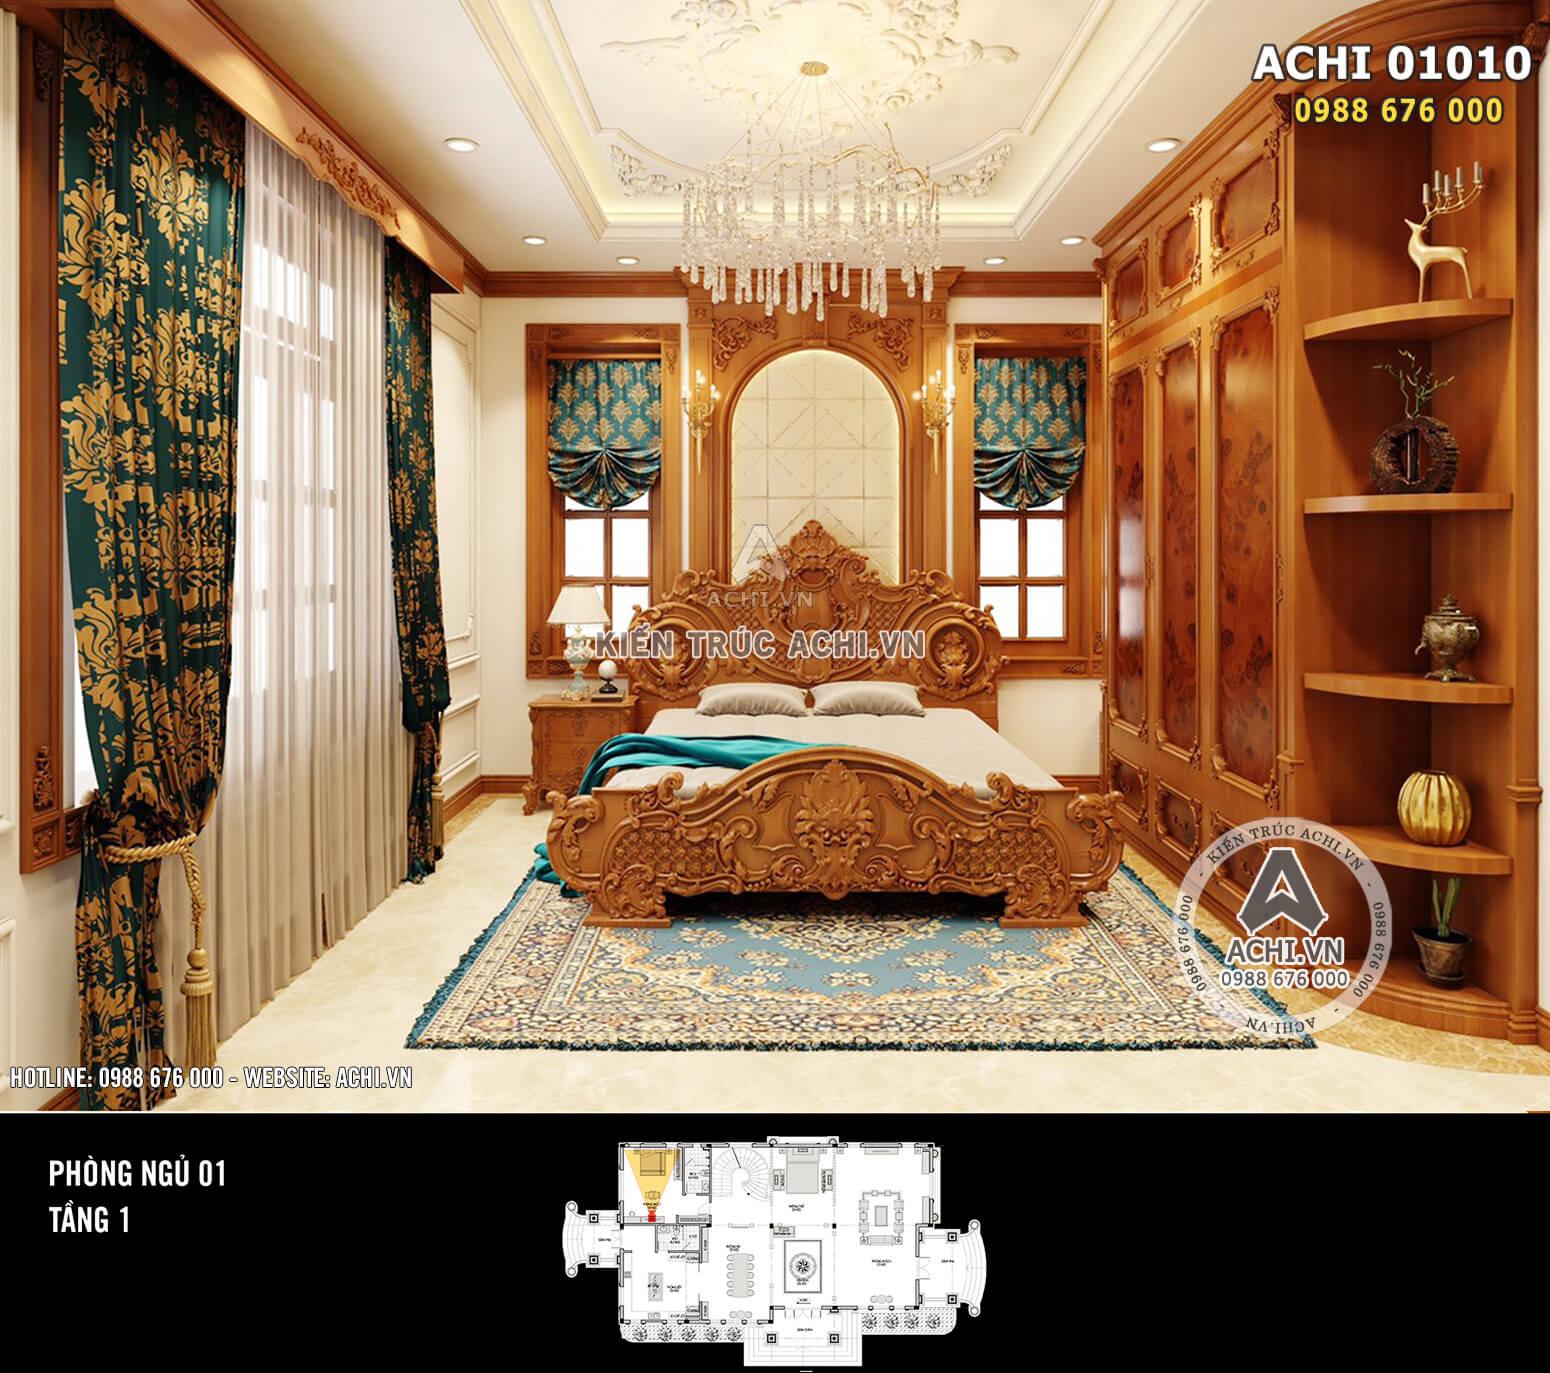 Hình ảnh: Thiết kế nội thất tân cổ điển - Phòng ngủ - 01